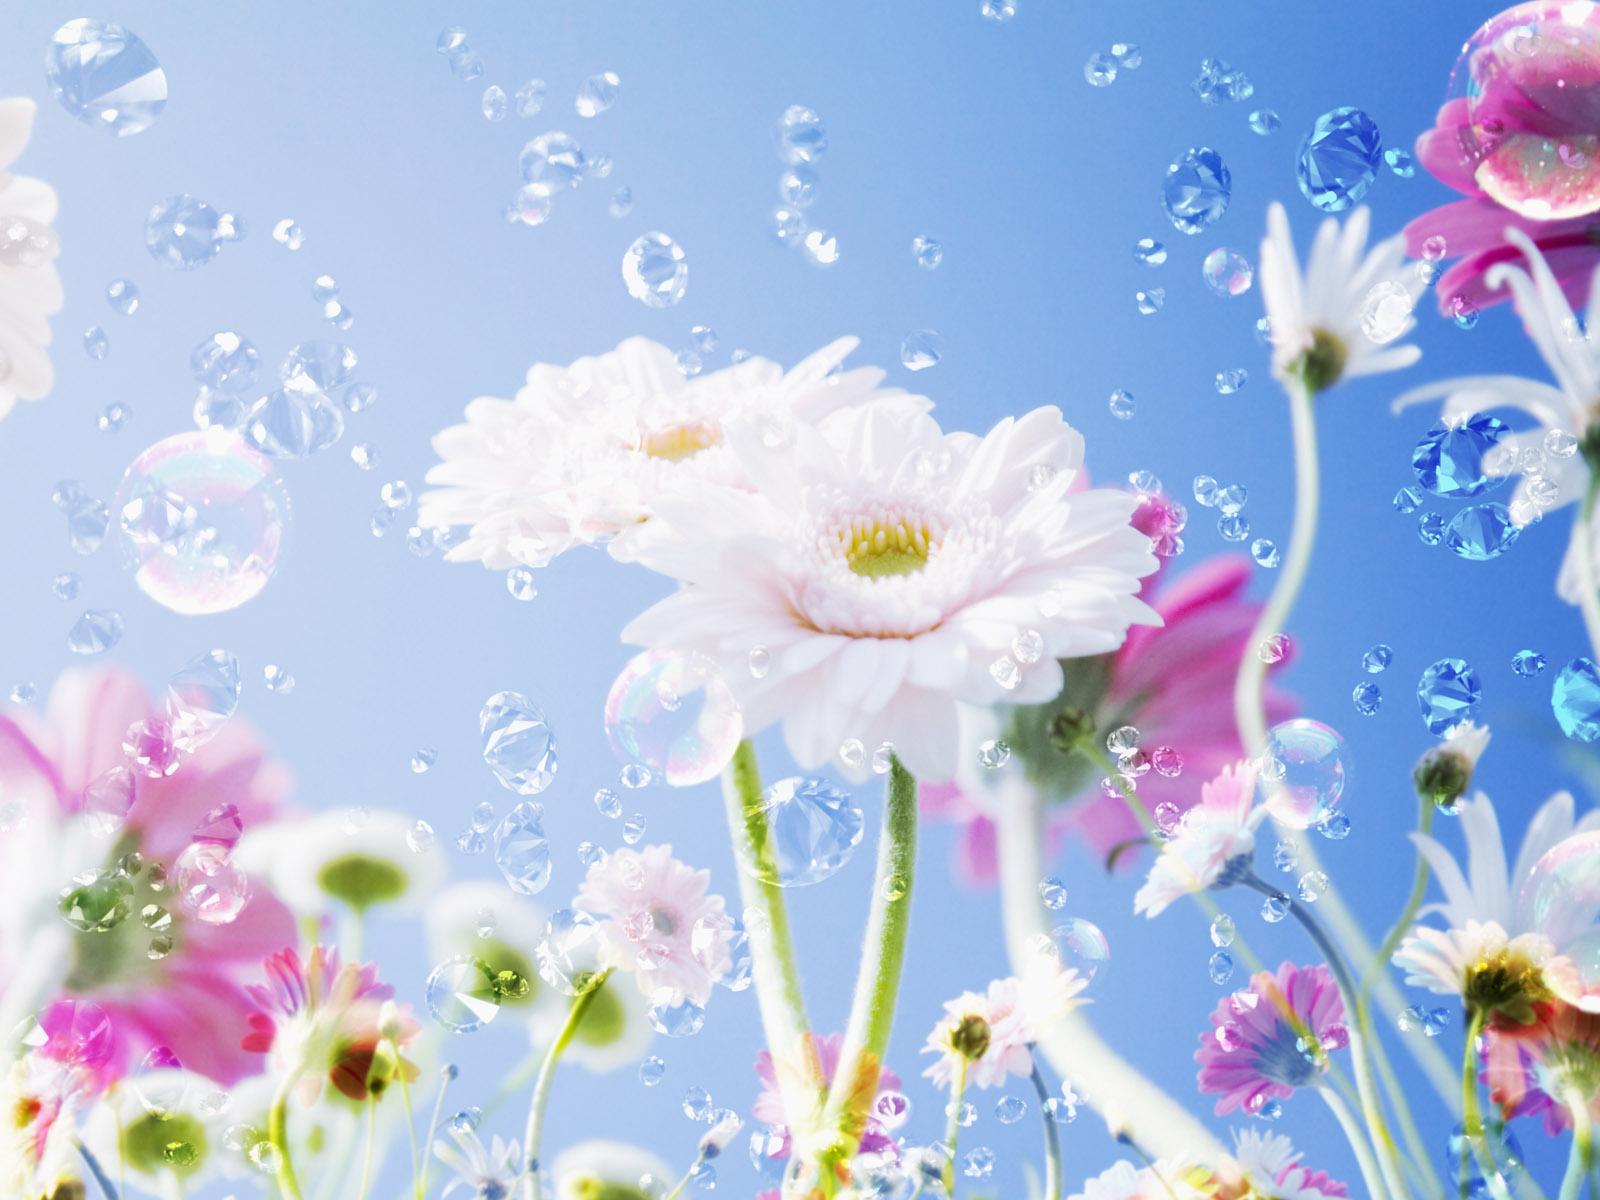 Beautiful flower wallpapers early flower izmirmasajfo